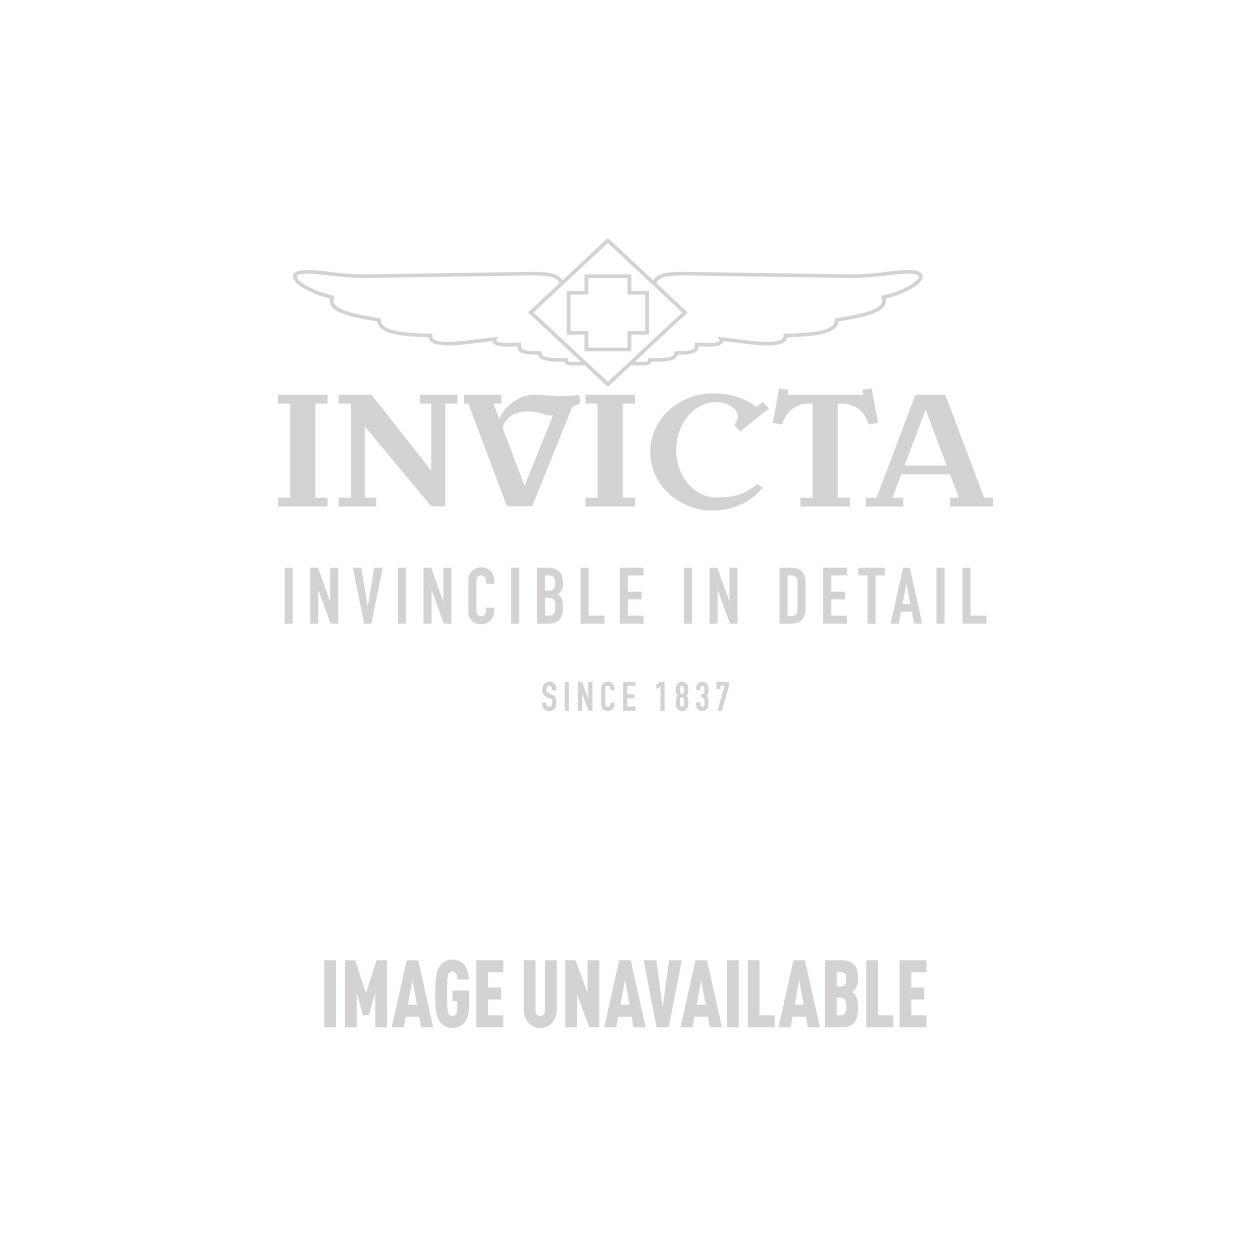 Invicta Model SC0406